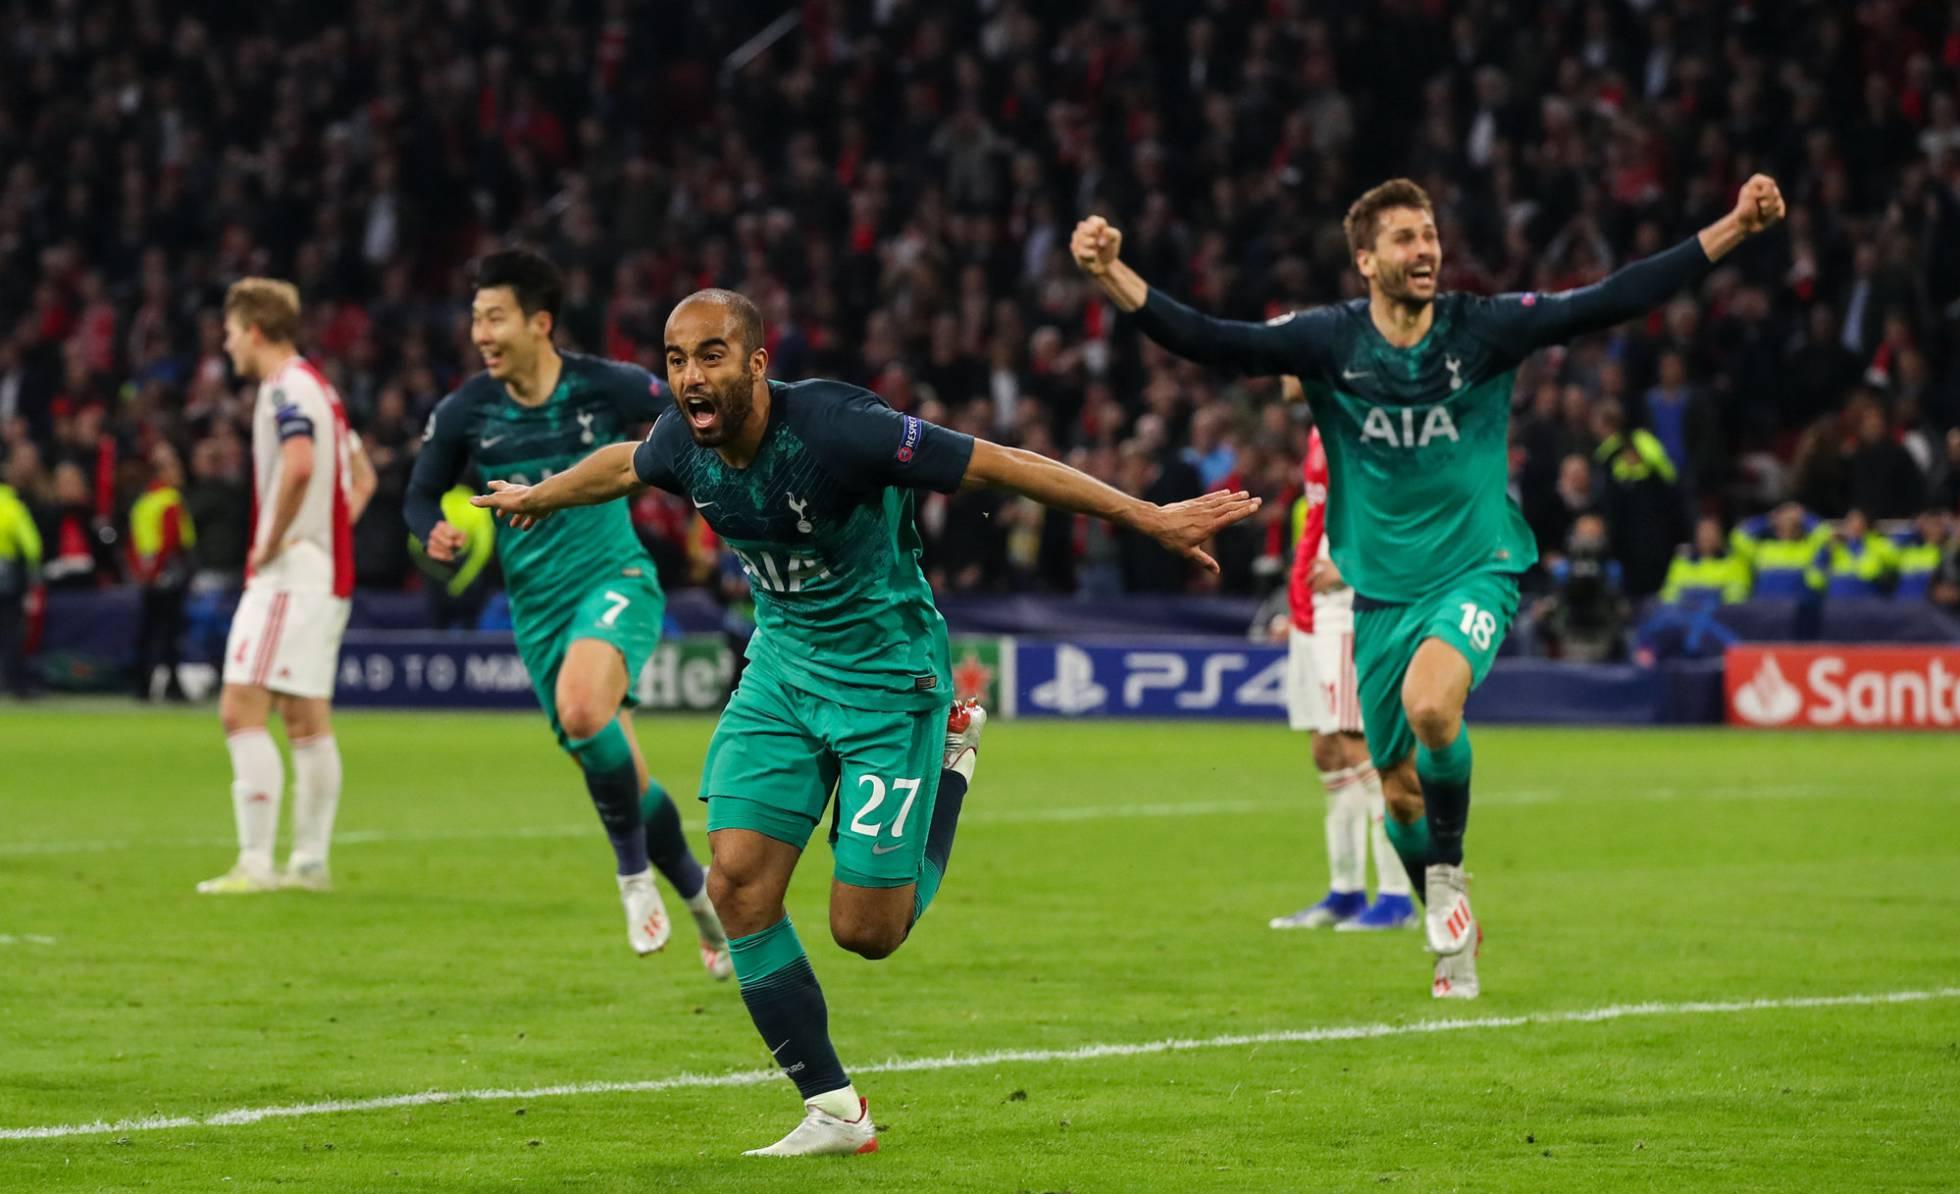 El Tottenham cambia su destino con una remontada ante el Ajax y jugará la final de la Champions (2-3)